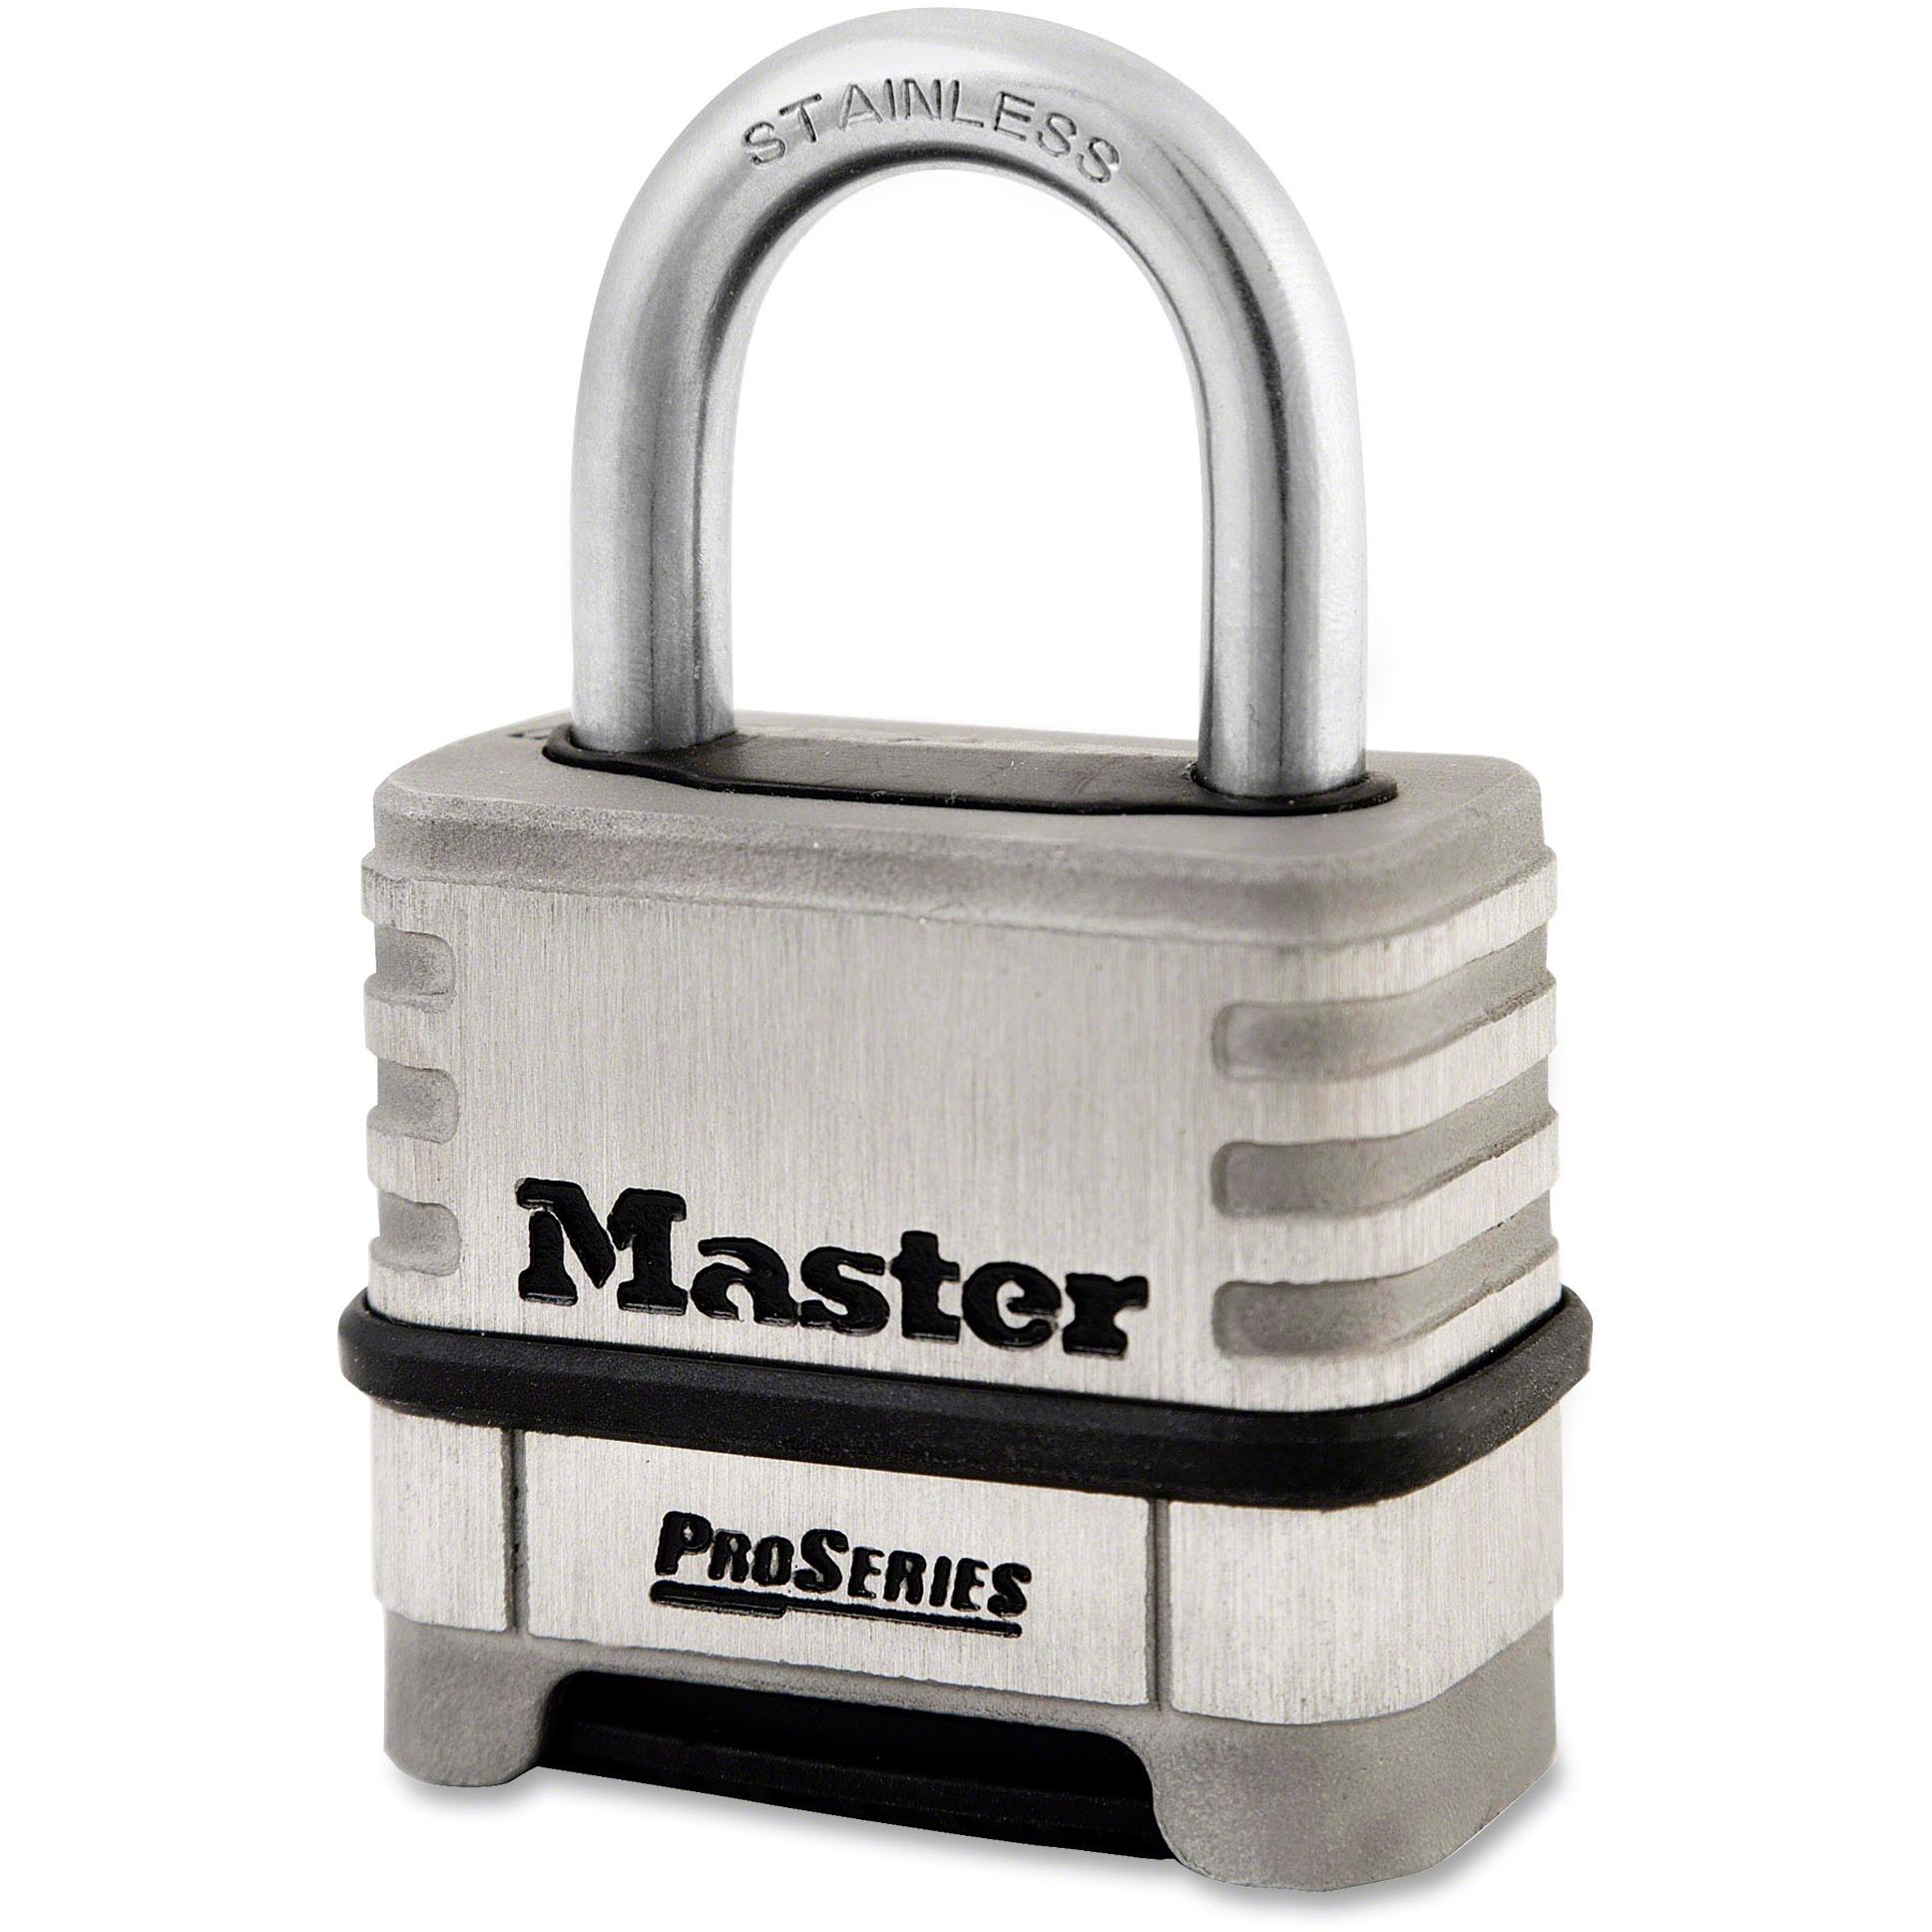 Master Lock, MLK1174D, ProSeries Stlss Steel Combo Lock, 1 Each, Stainless Steel